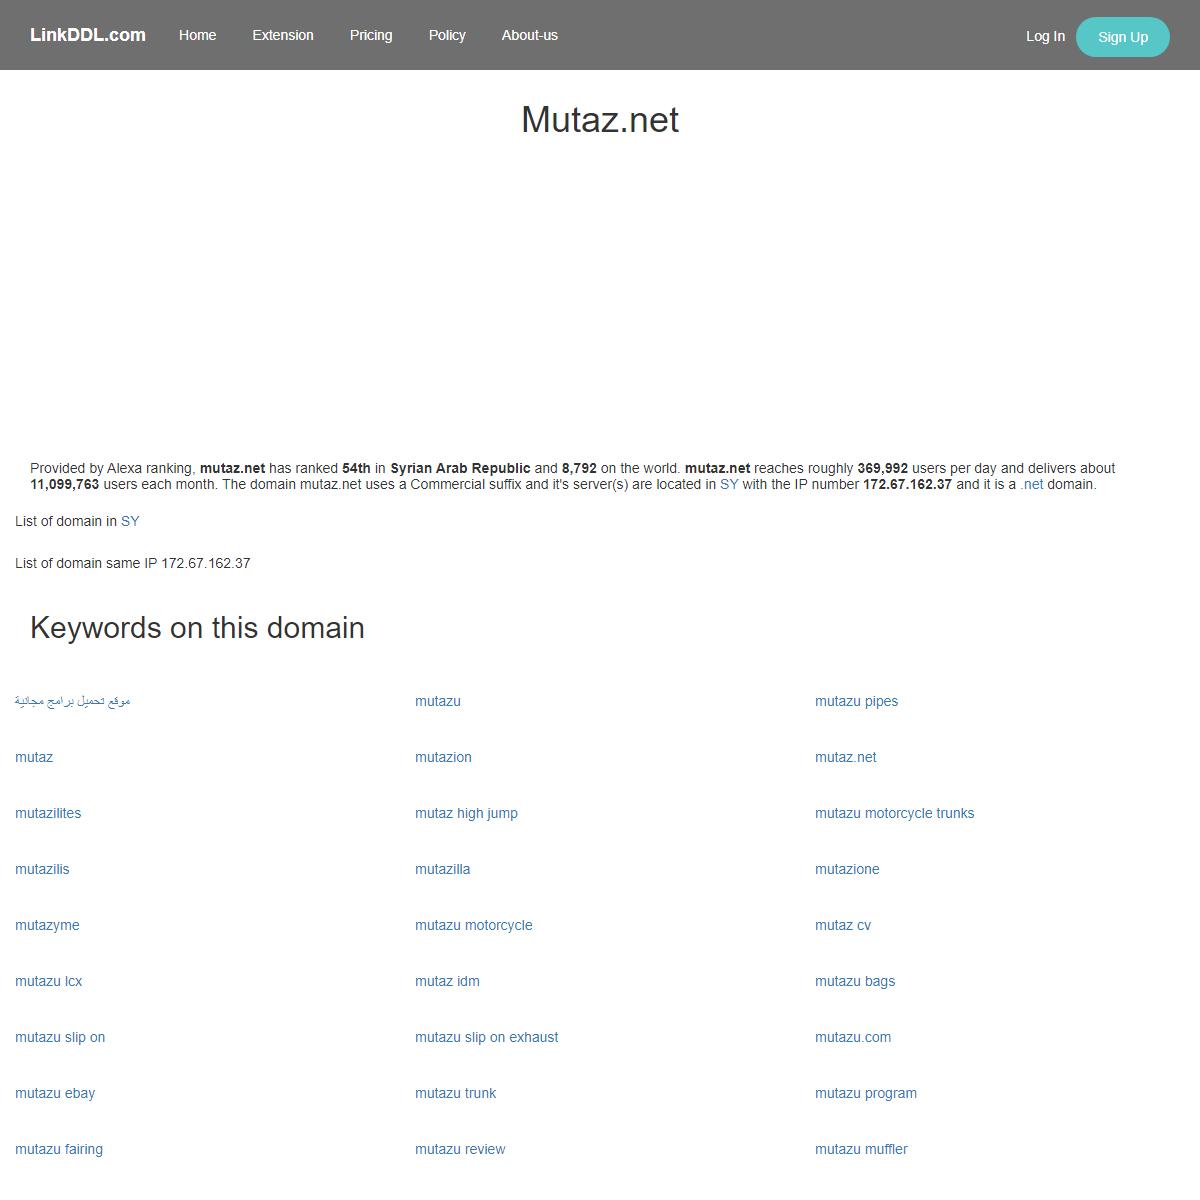 A complete backup of https://www.linkddl.com/site/mutaz.net